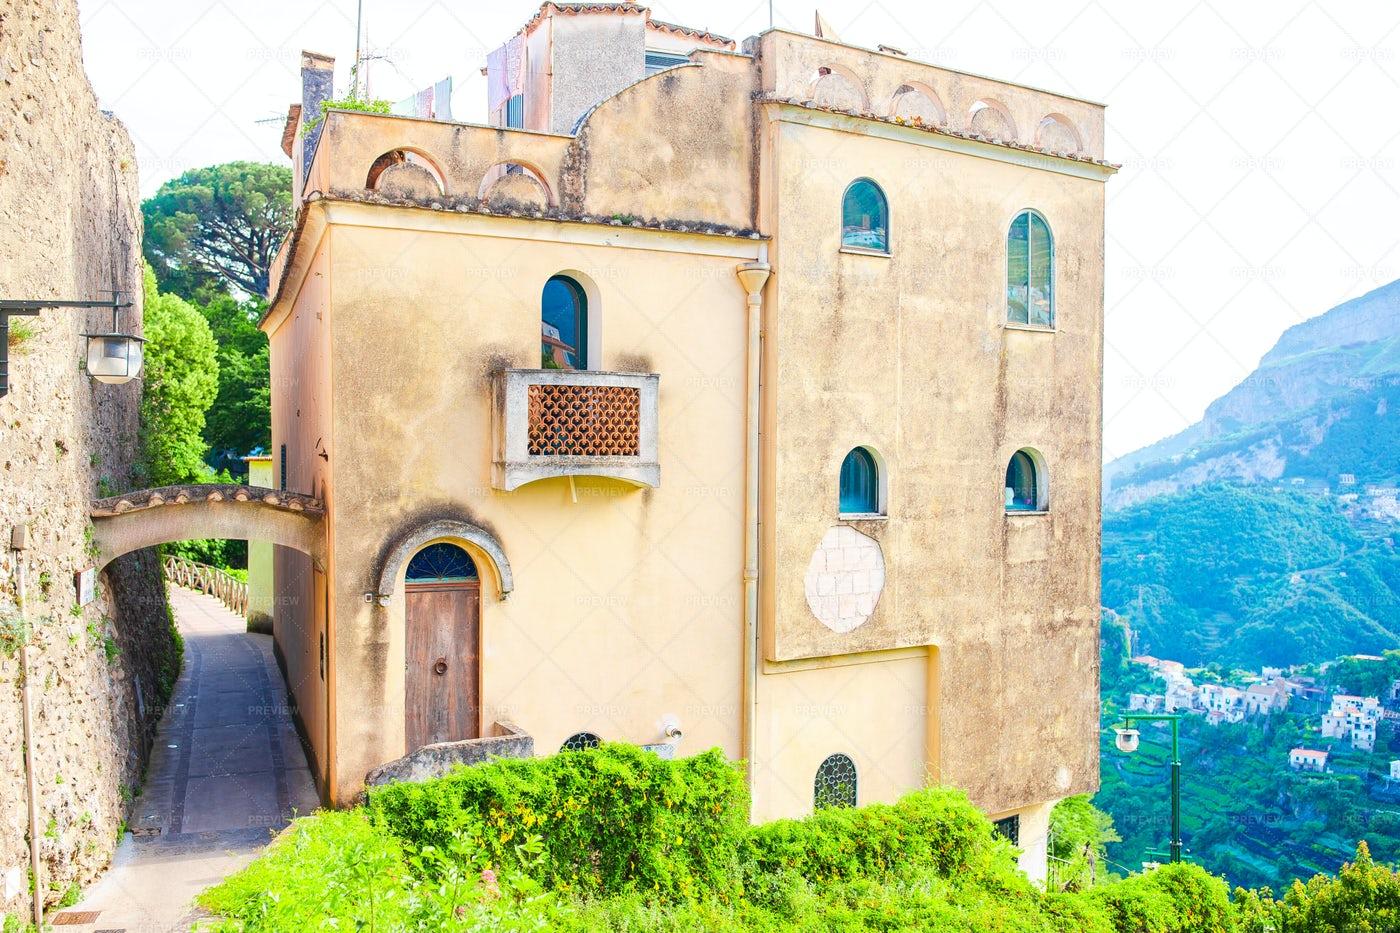 Villa Chimbrone: Stock Photos